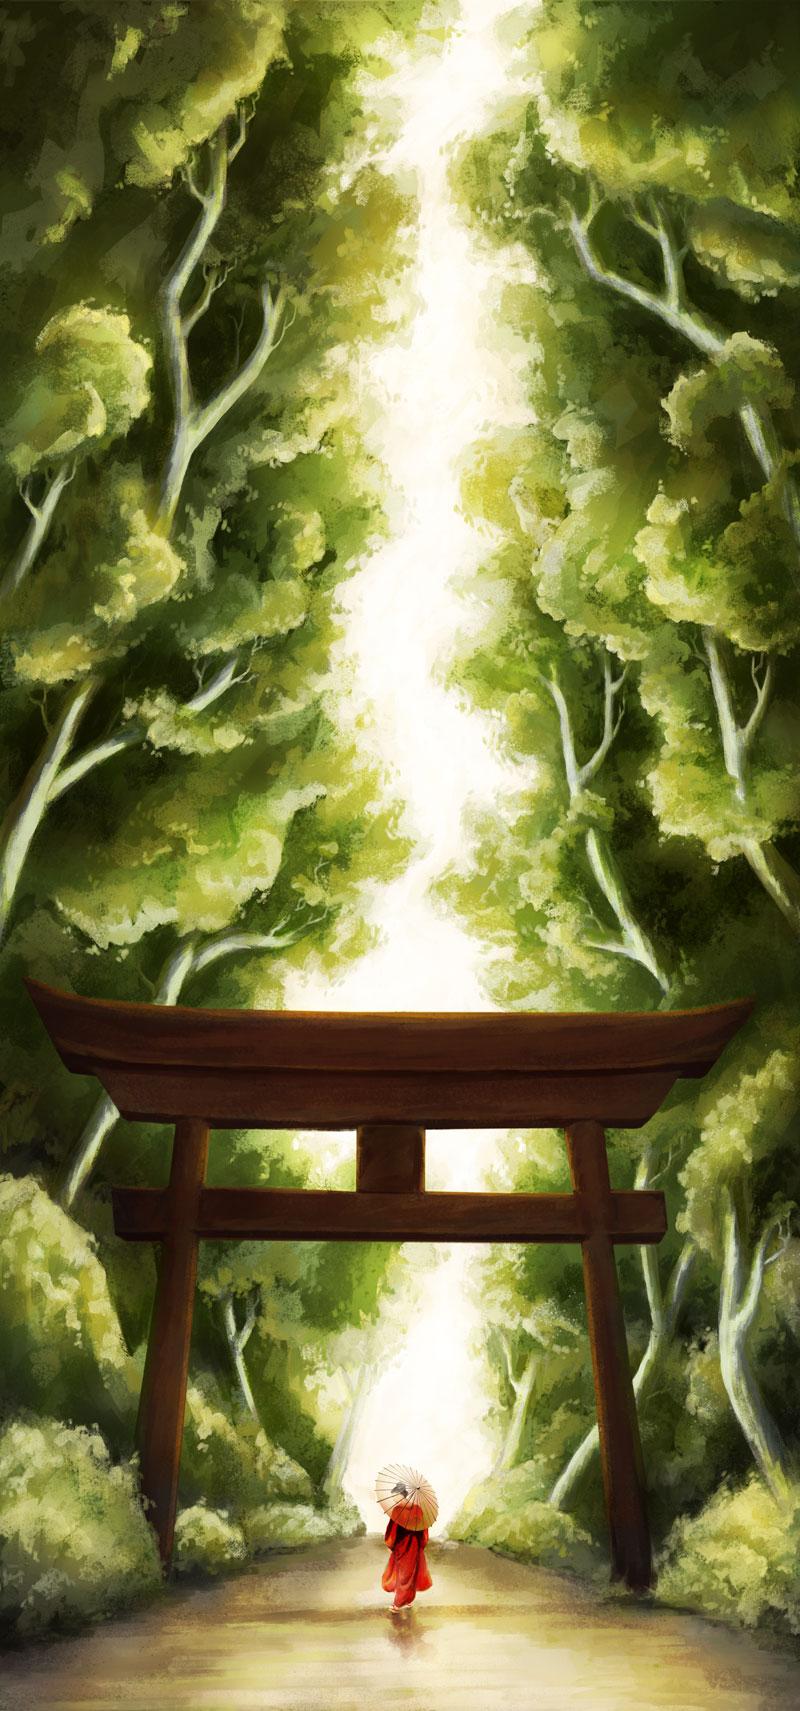 Torii Path Digital Painting NaomiVanDoren.com